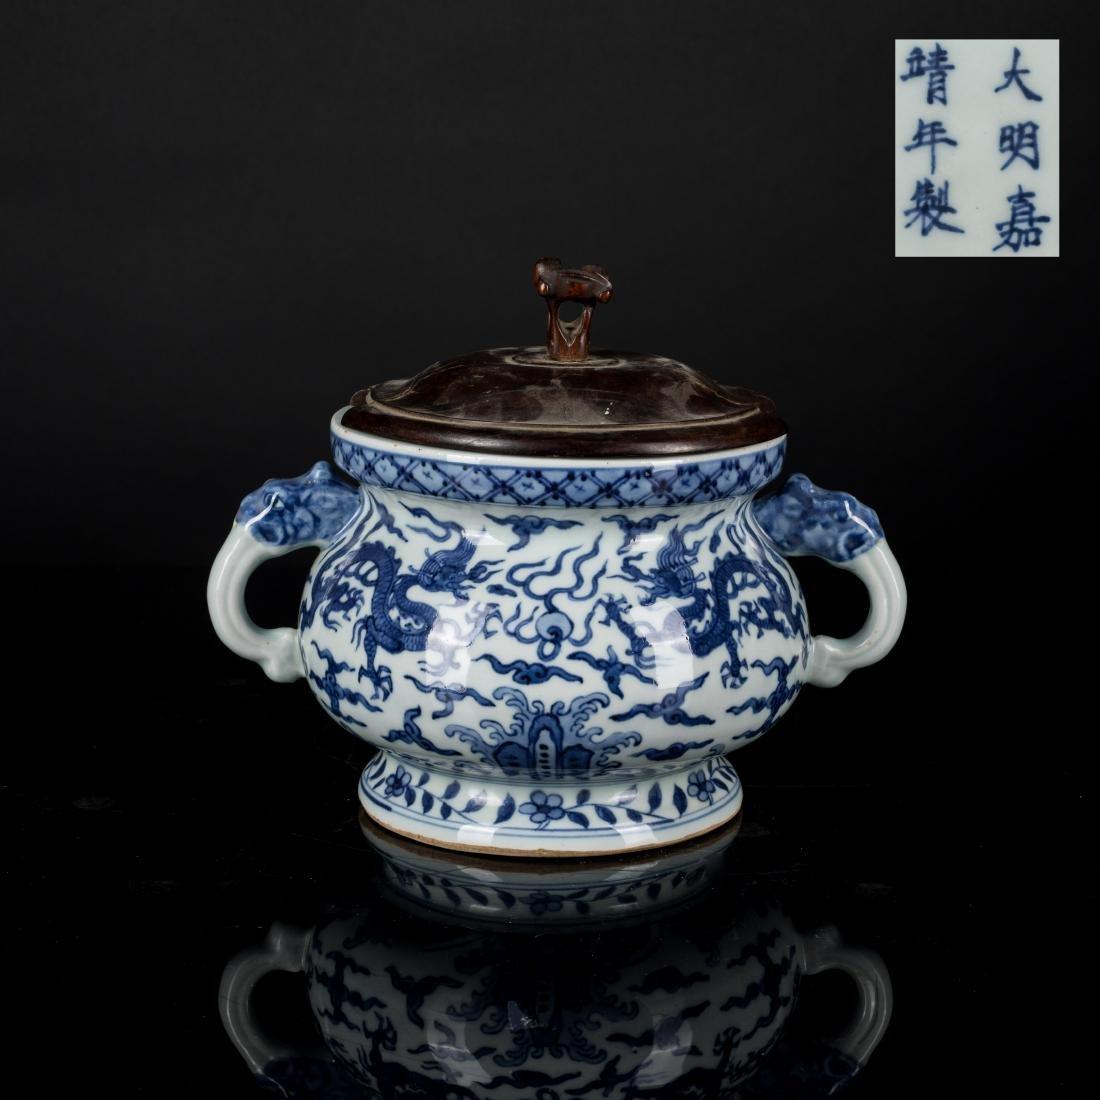 Jiajing Mark Antique Blue and White Censer